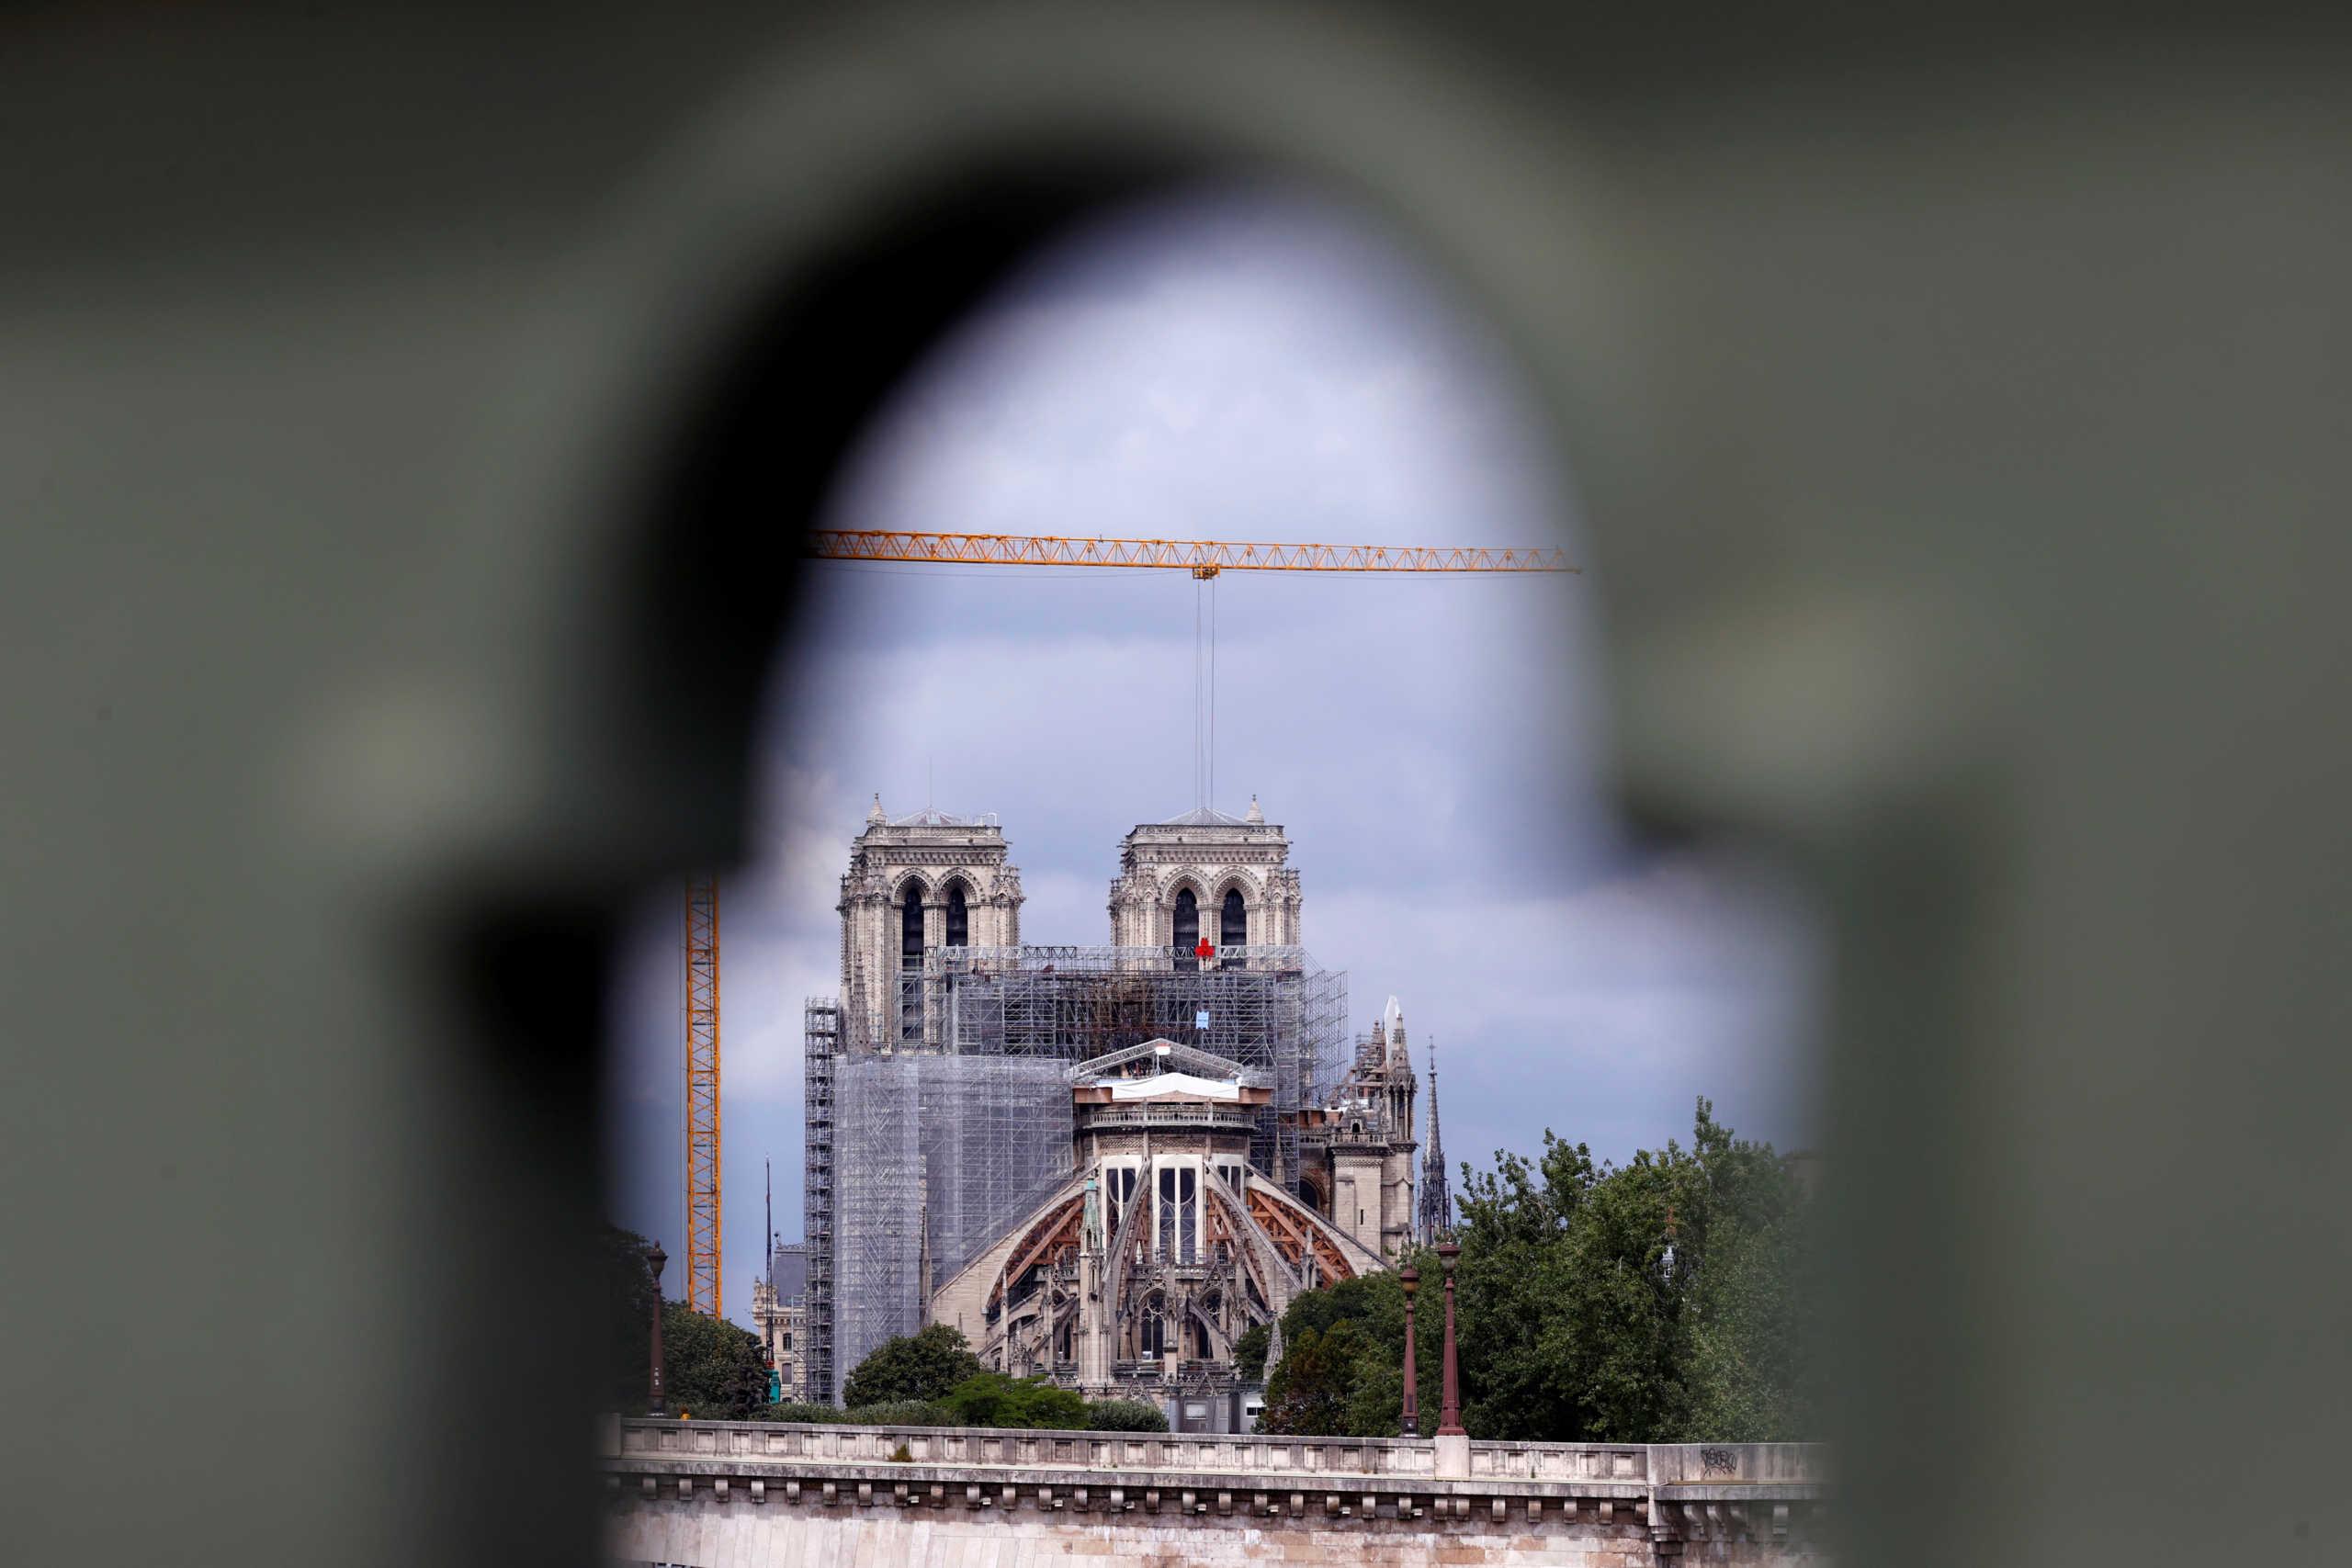 Ξεκινούν τον Ιανουάριο του 2021 οι εργασίες ανοικοδόμησης της Παναγίας των Παρισίων